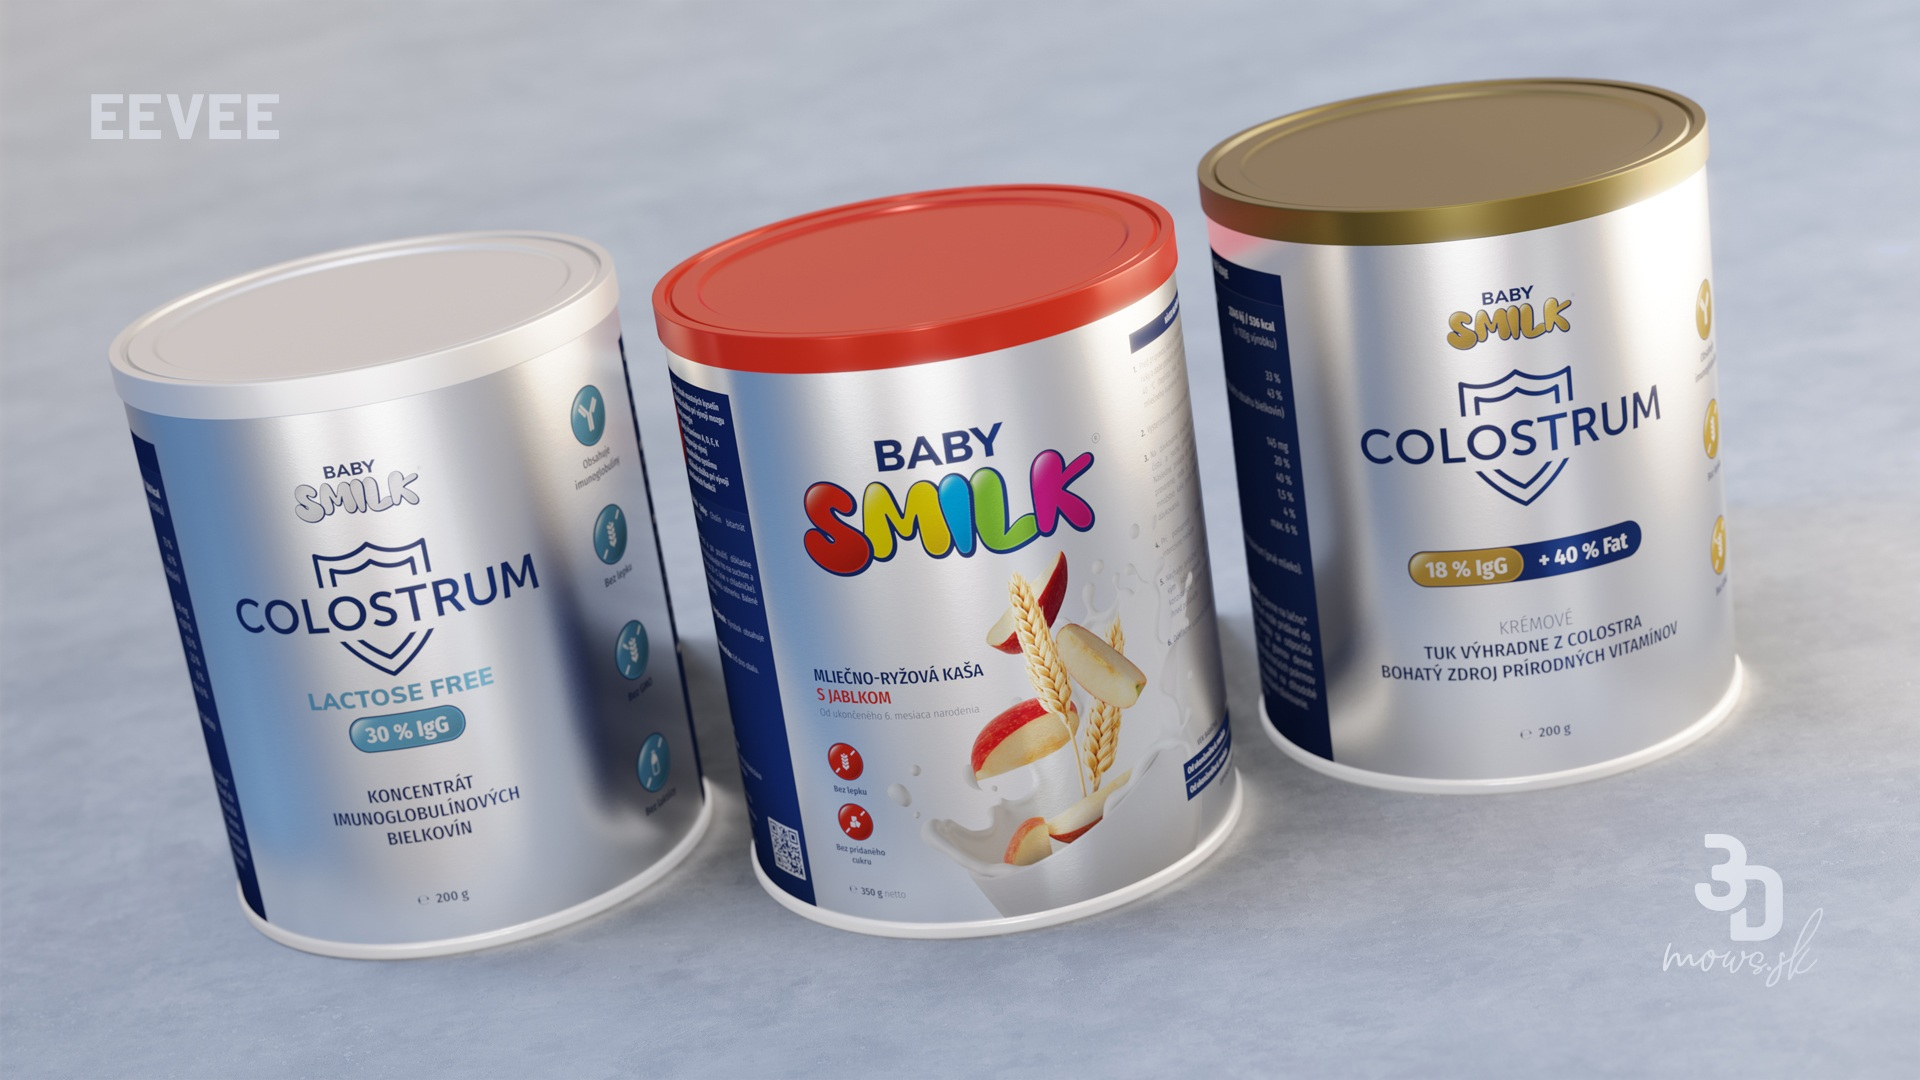 Baby Smilk produkty na metalickej fólii renderované cez EEVEE